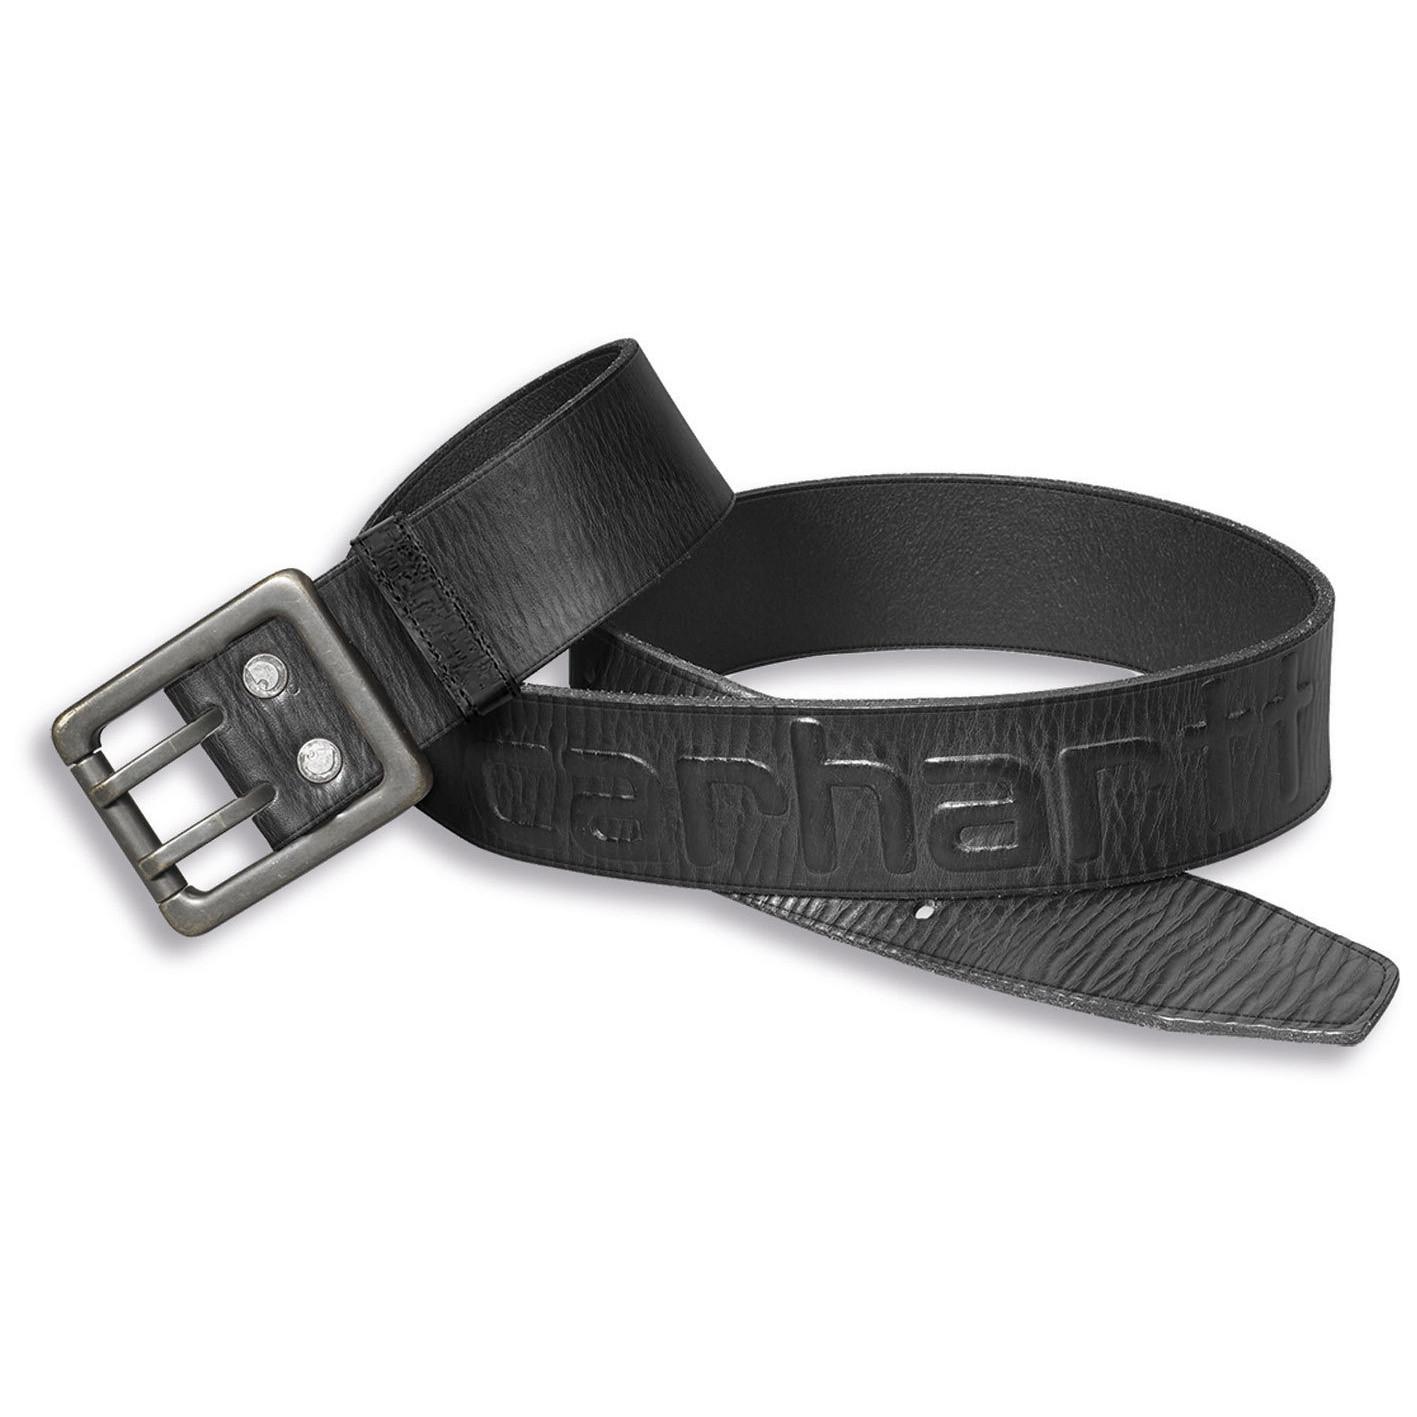 Ремень кожаный Carhartt Logo Belt 2217 (Black)